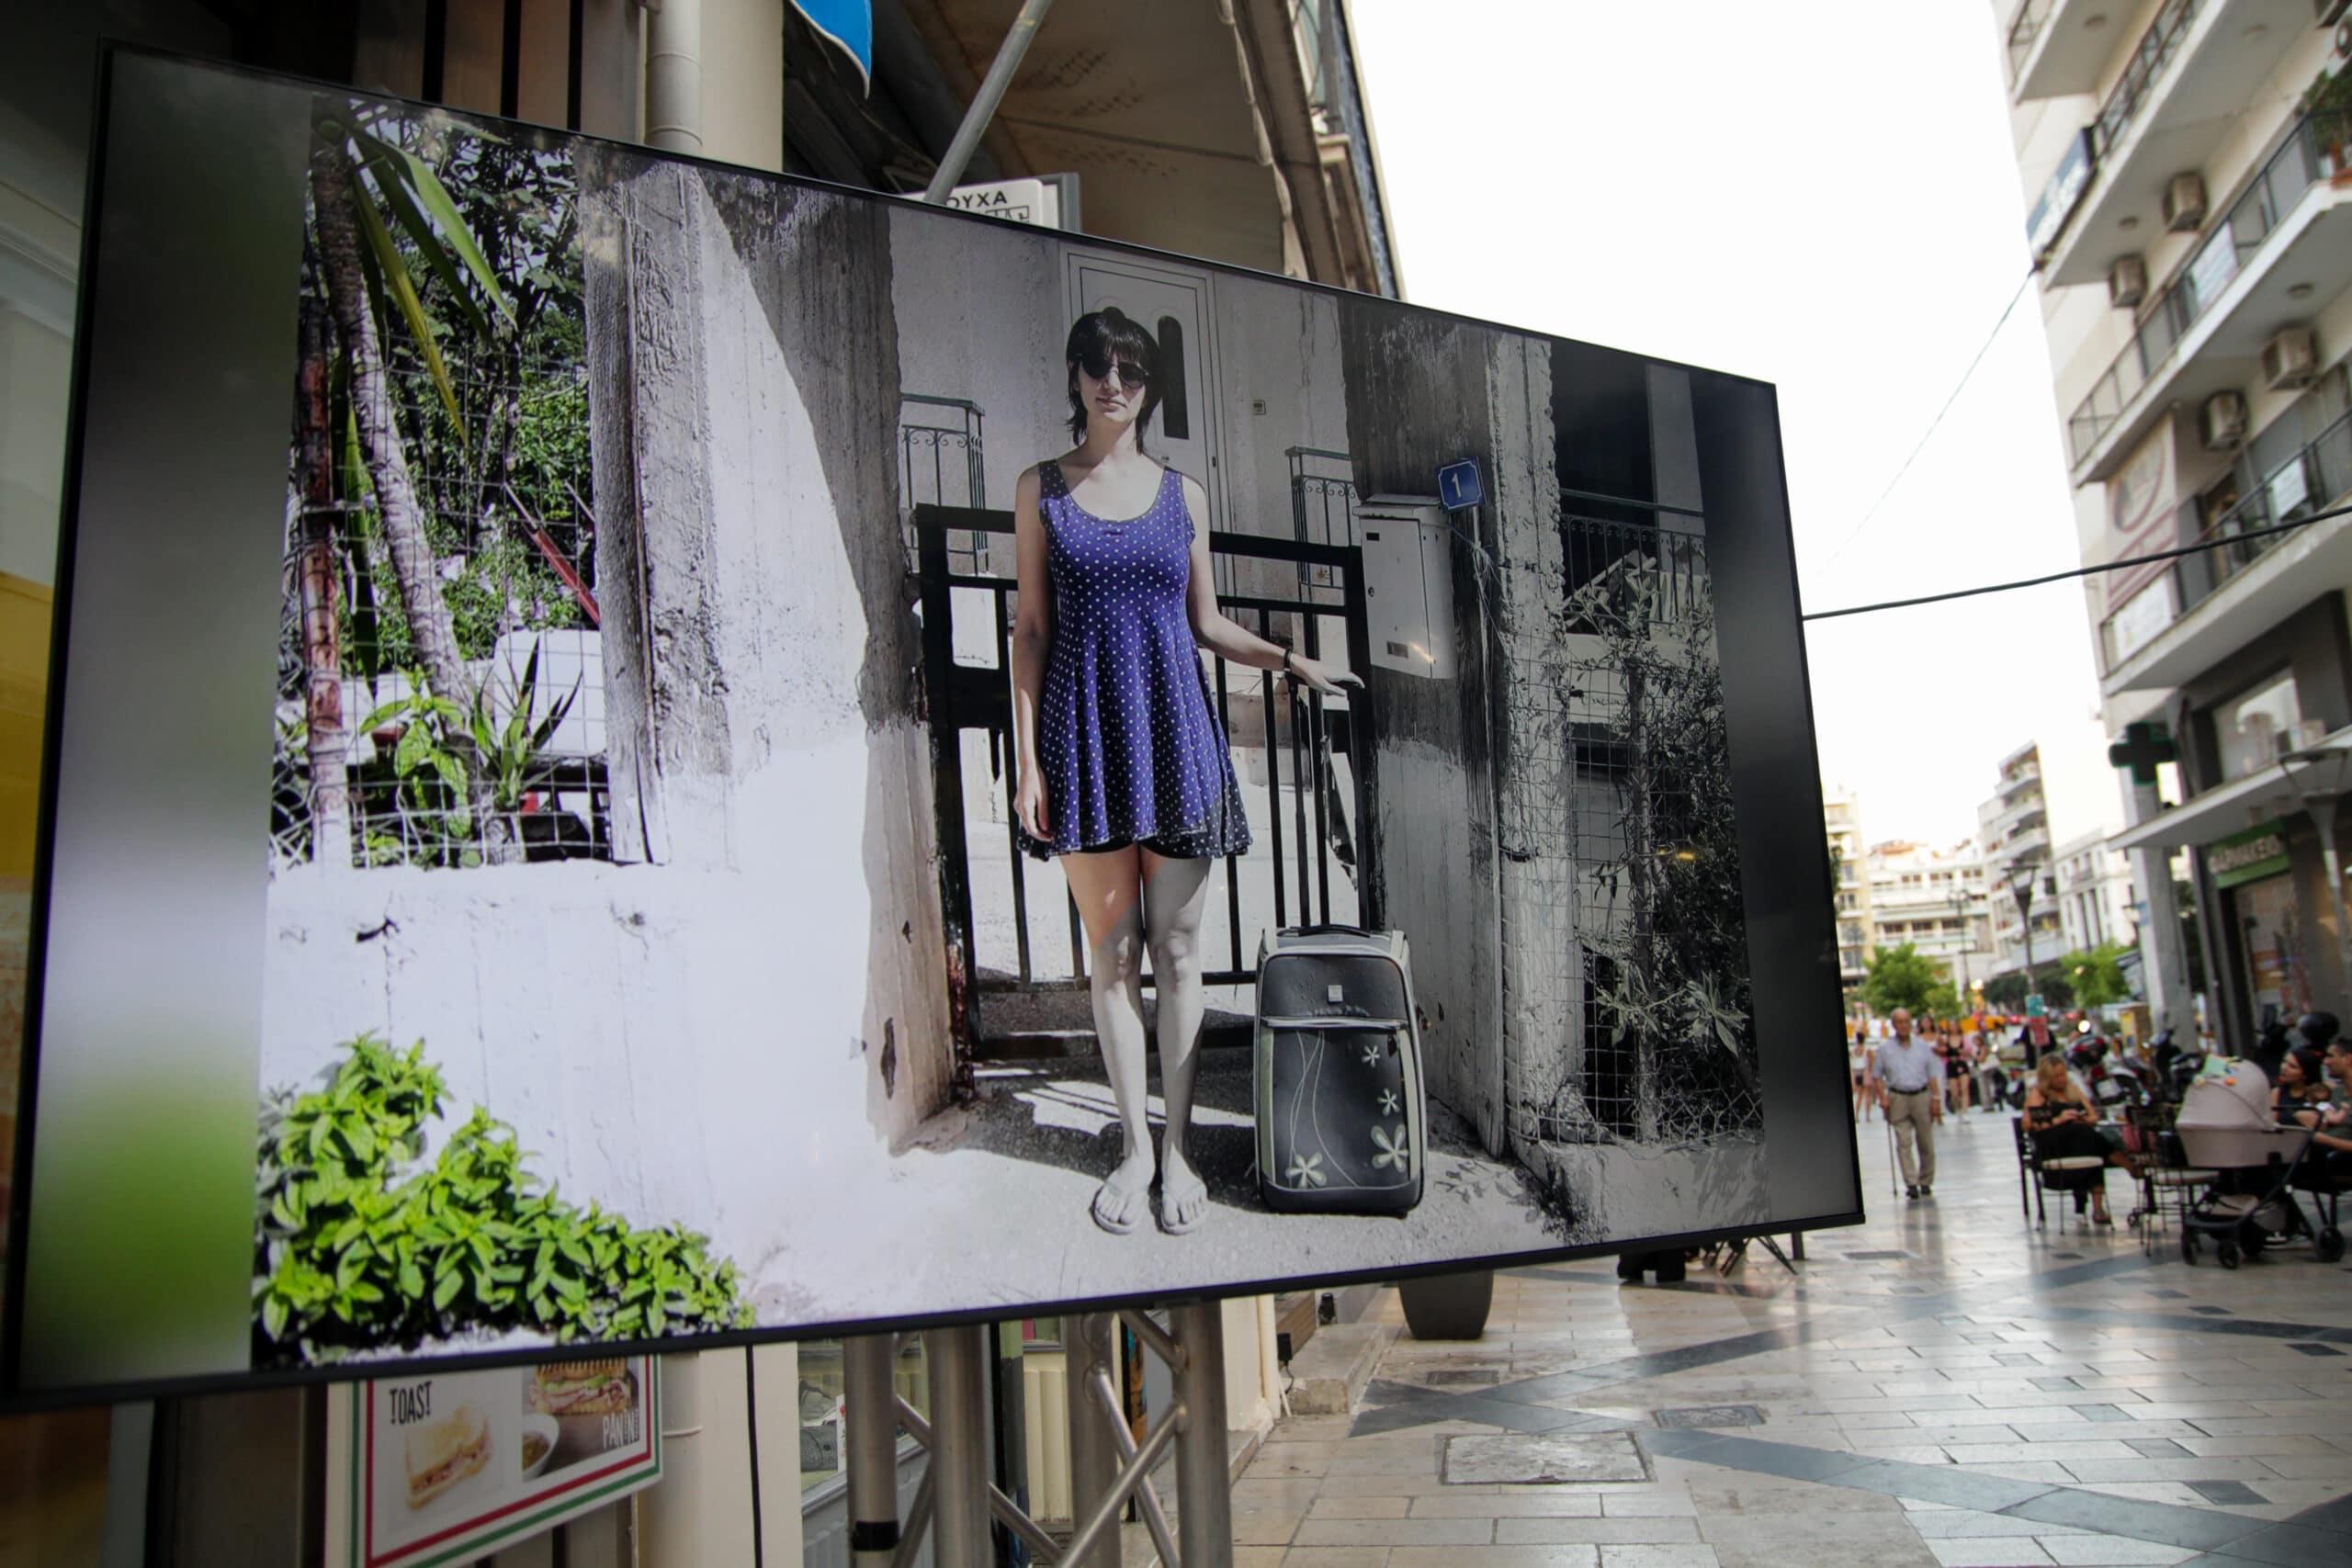 Μια υπαίθρια γιορτή σε πλατεία Όλγας και Ρήγα Φεραίου για την Εβδομάδα Ευαισθητοποίησης και Ενημέρωσης για τον Καρκίνο!